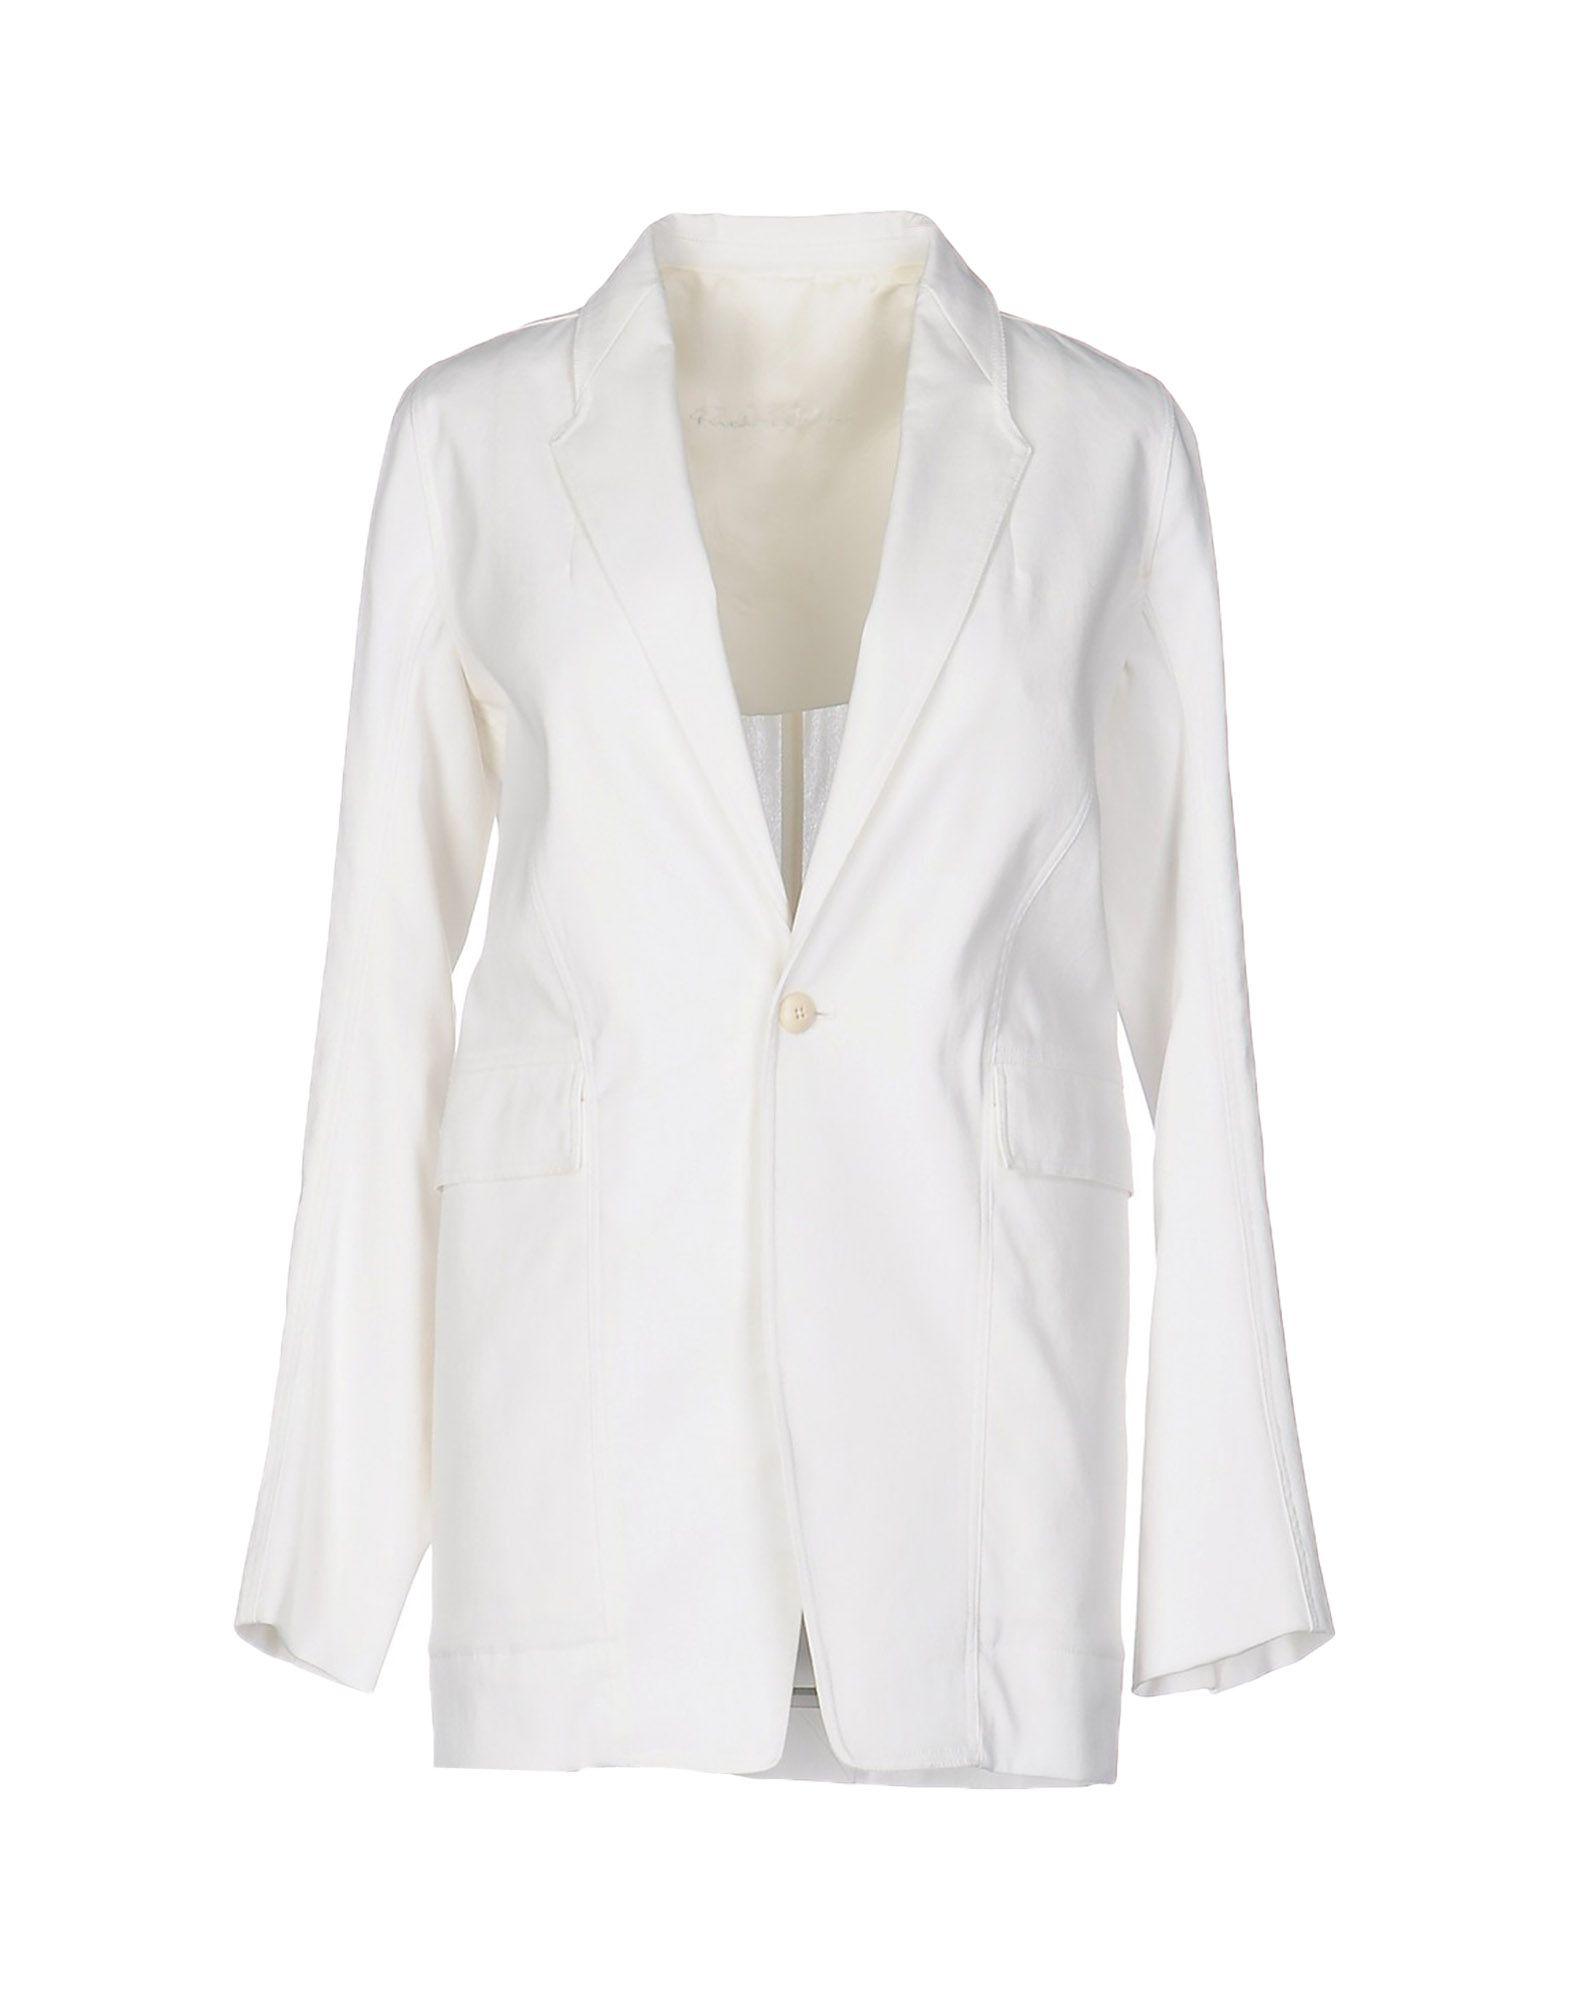 RICK OWENS Damen Jackett Farbe Weiß Größe 3 - broschei